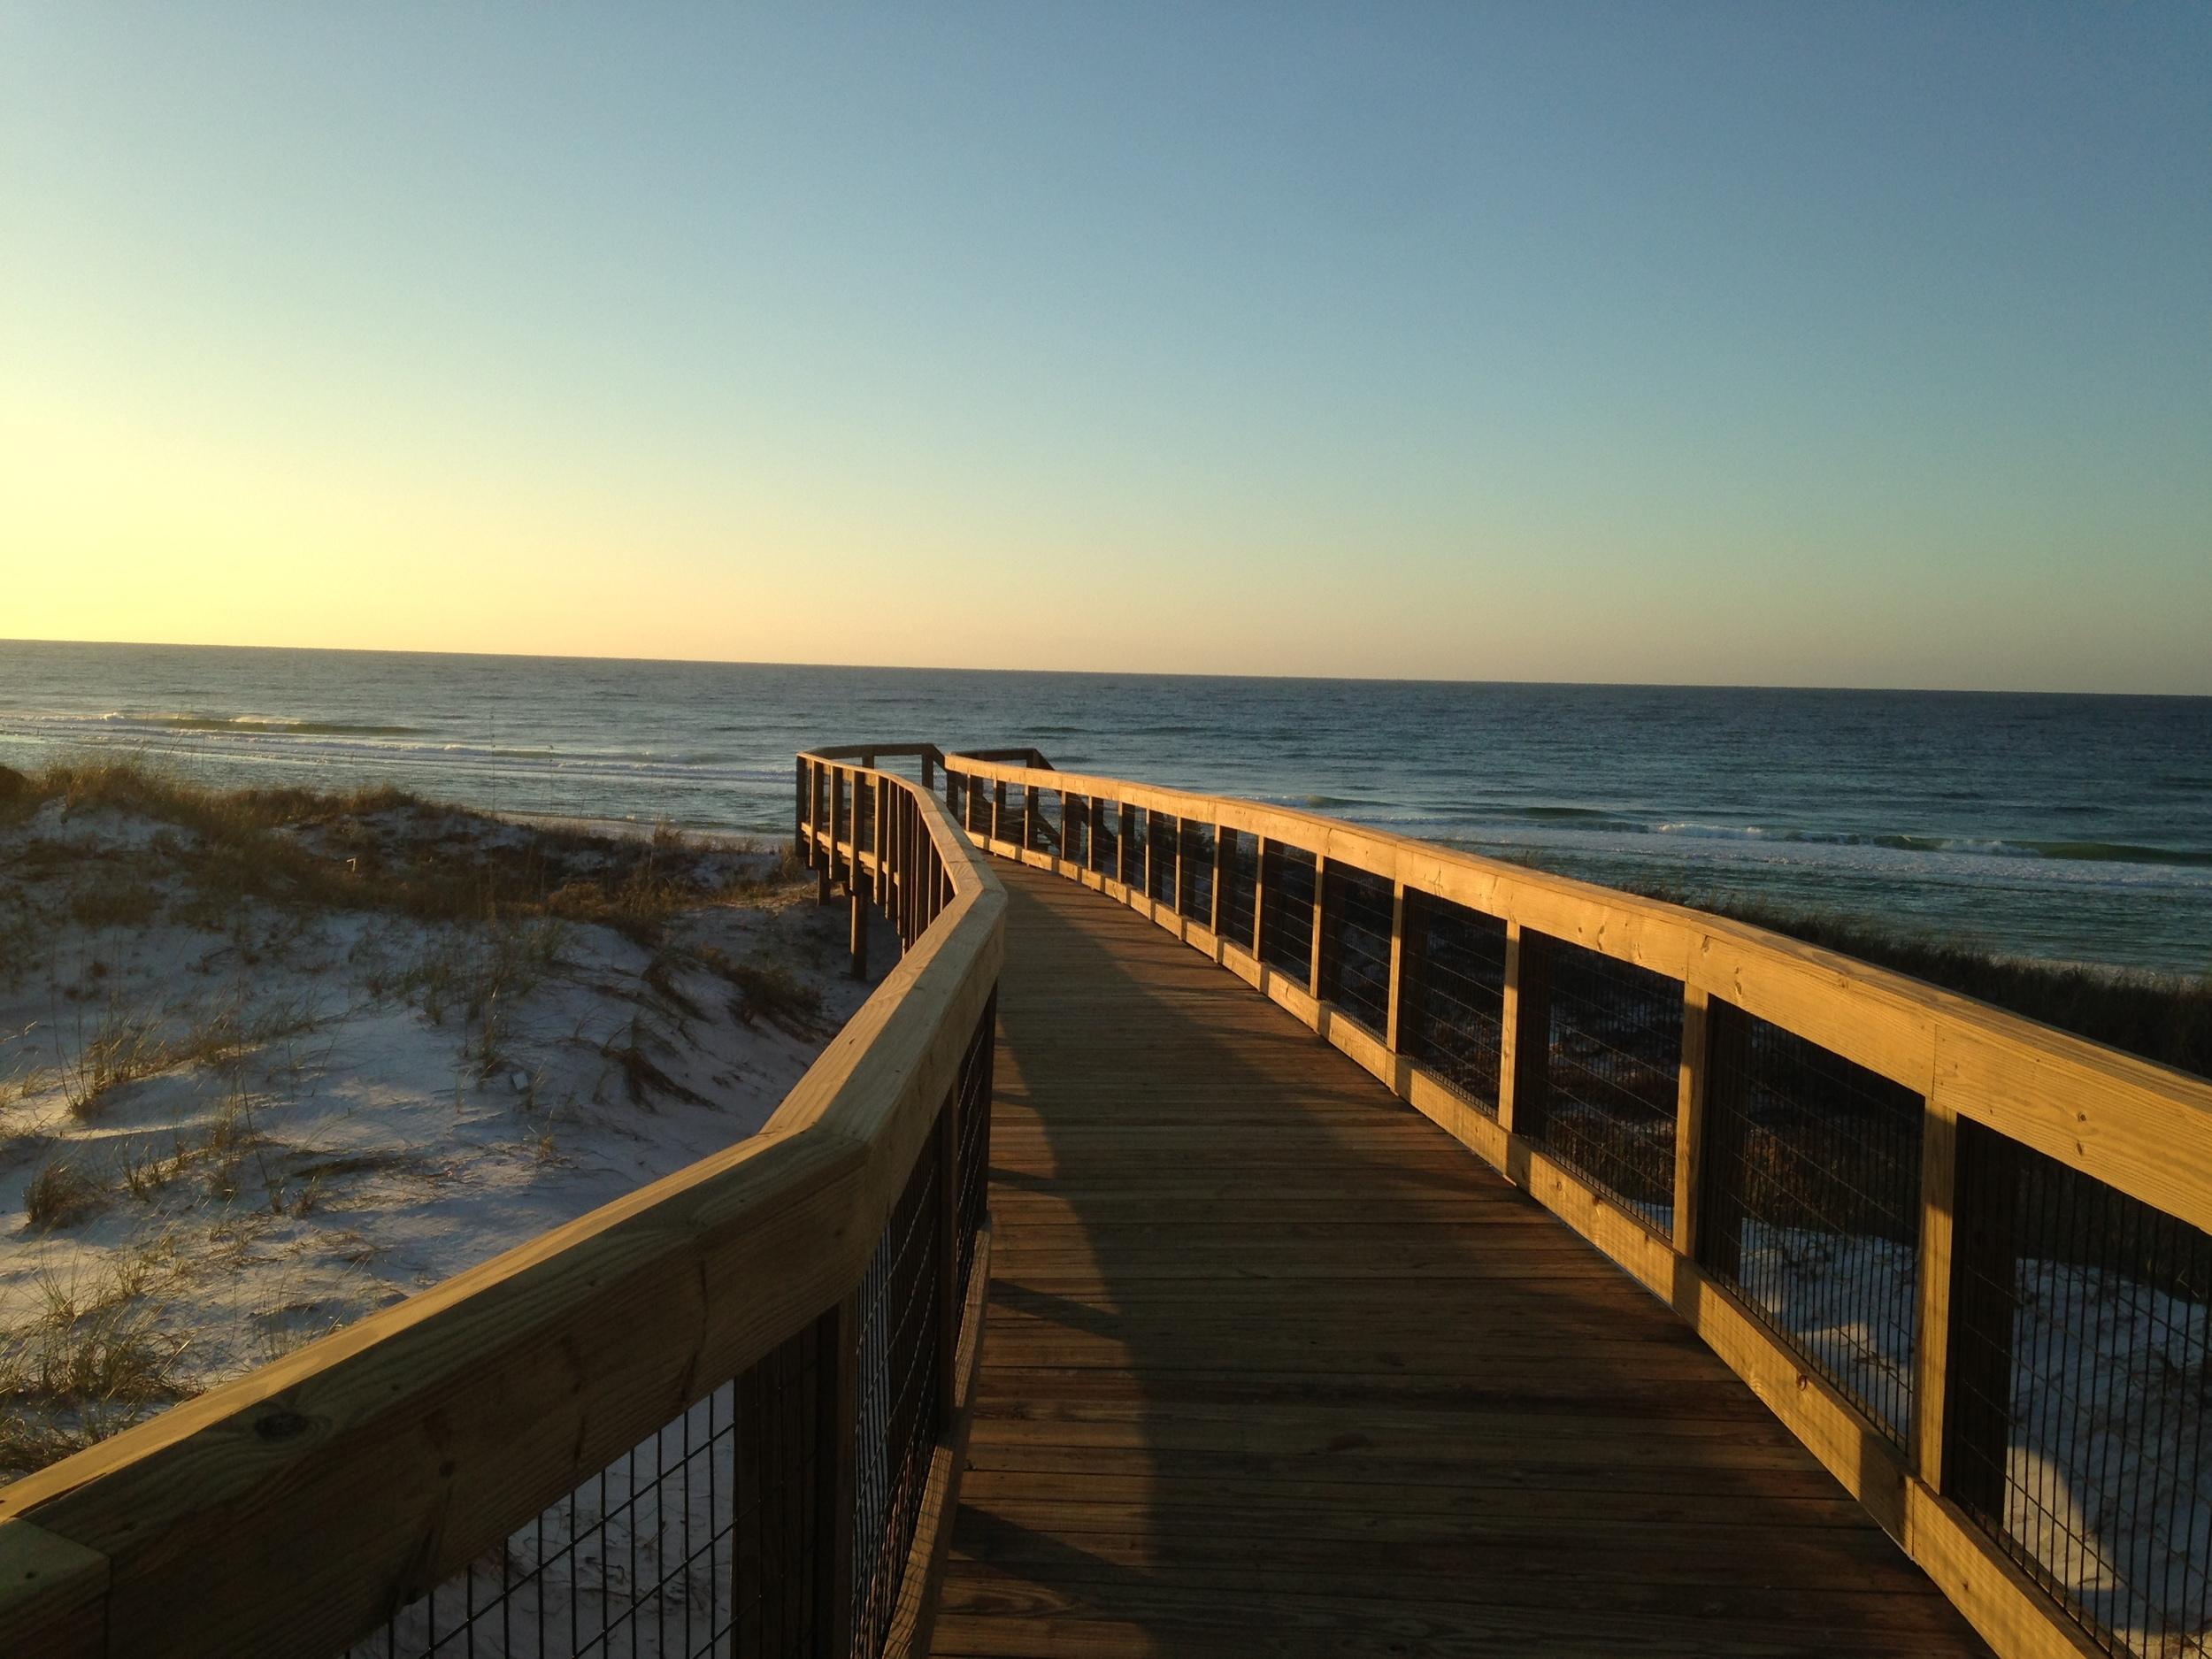 Boardwalk Dune Crossing